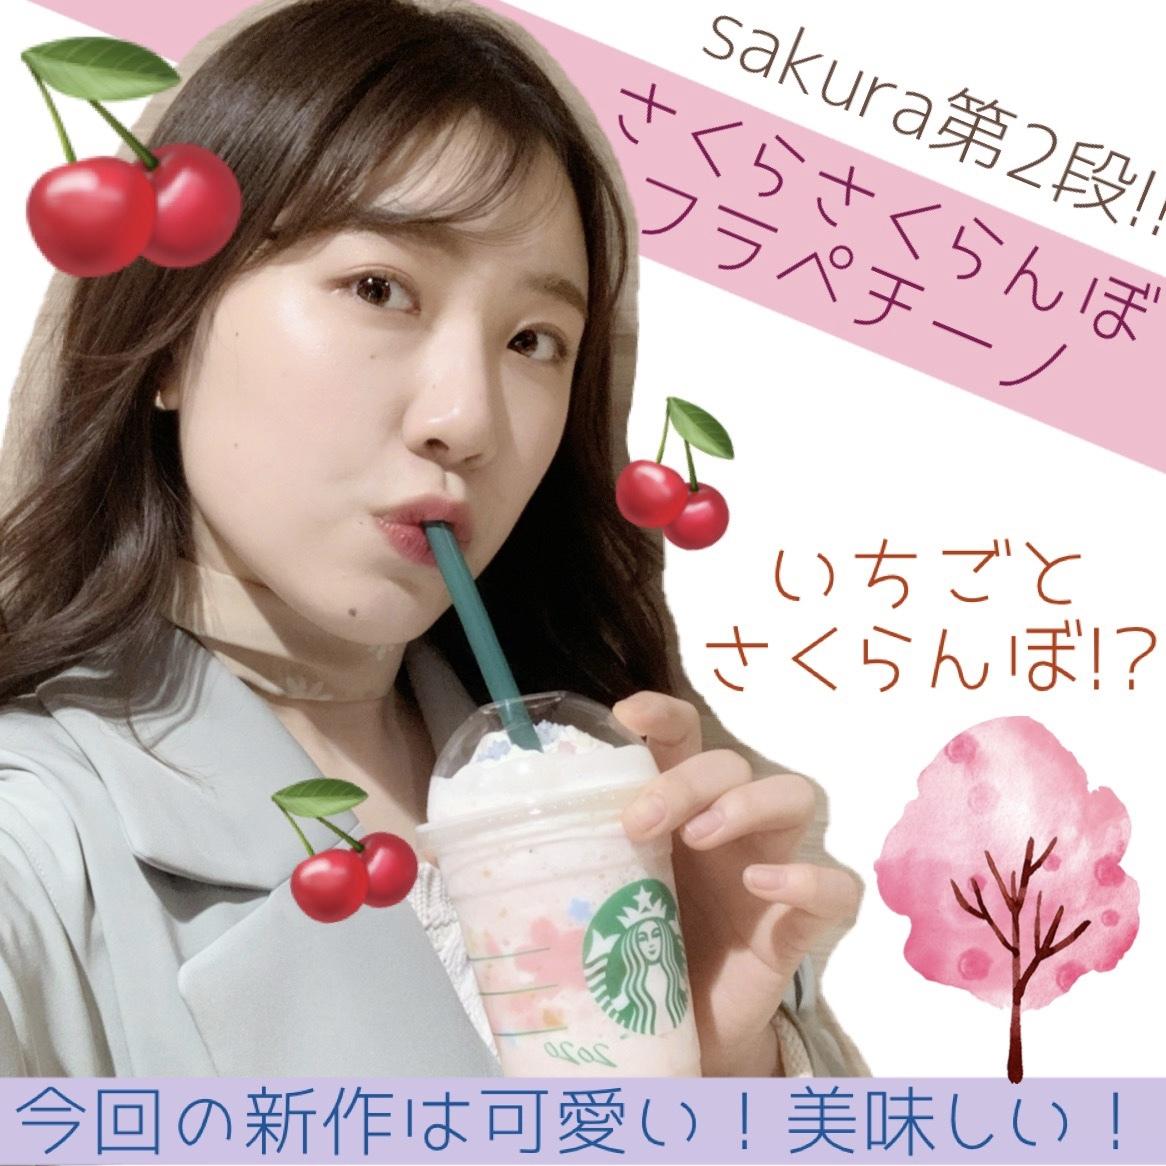 【スタバ】2/26発売!!sakura第2弾はさくらんぼ///_1_1